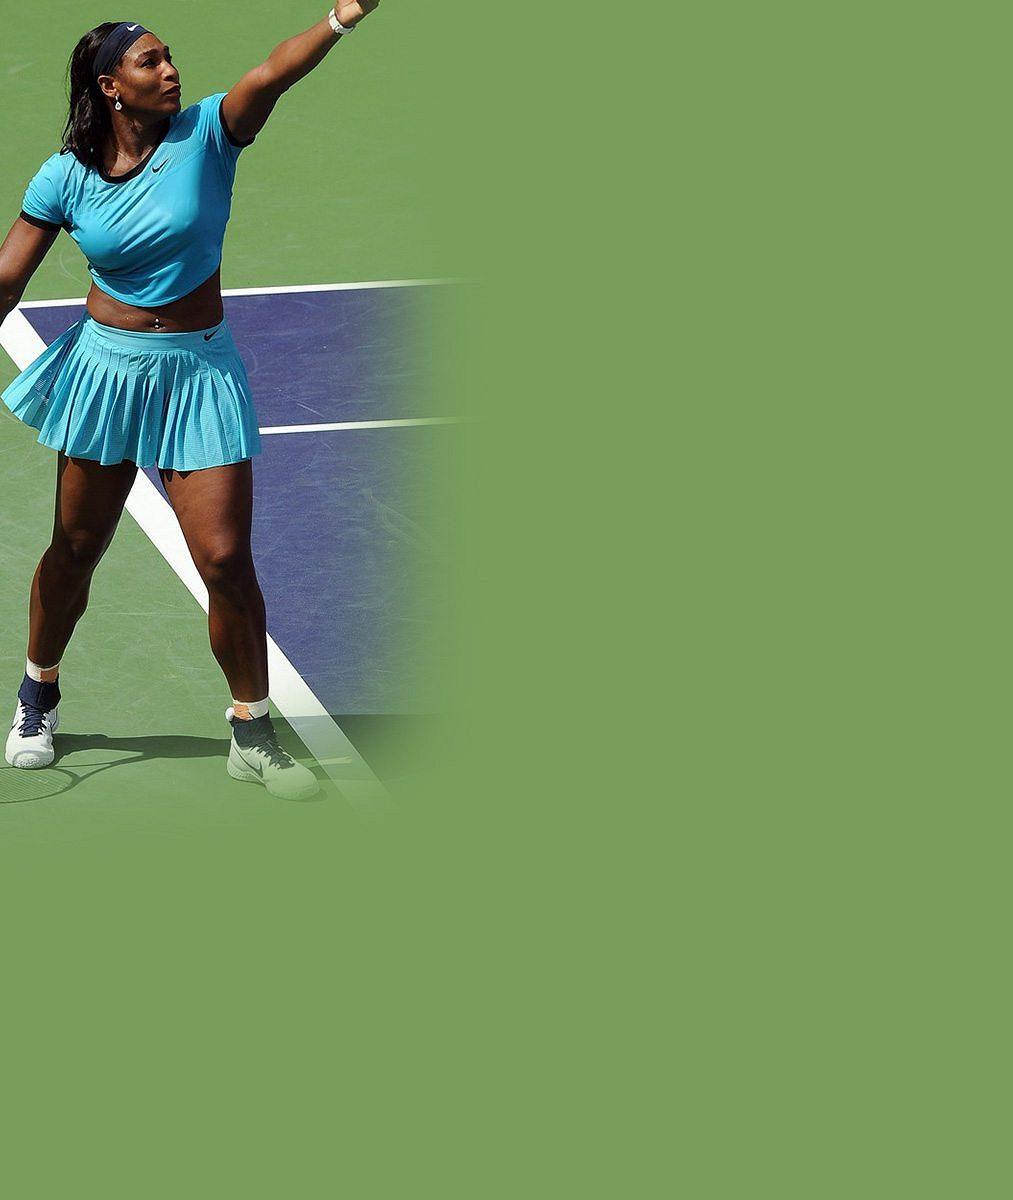 Kdo je ten týpek vplavkách snalakovanými nehty? Serena Williams…